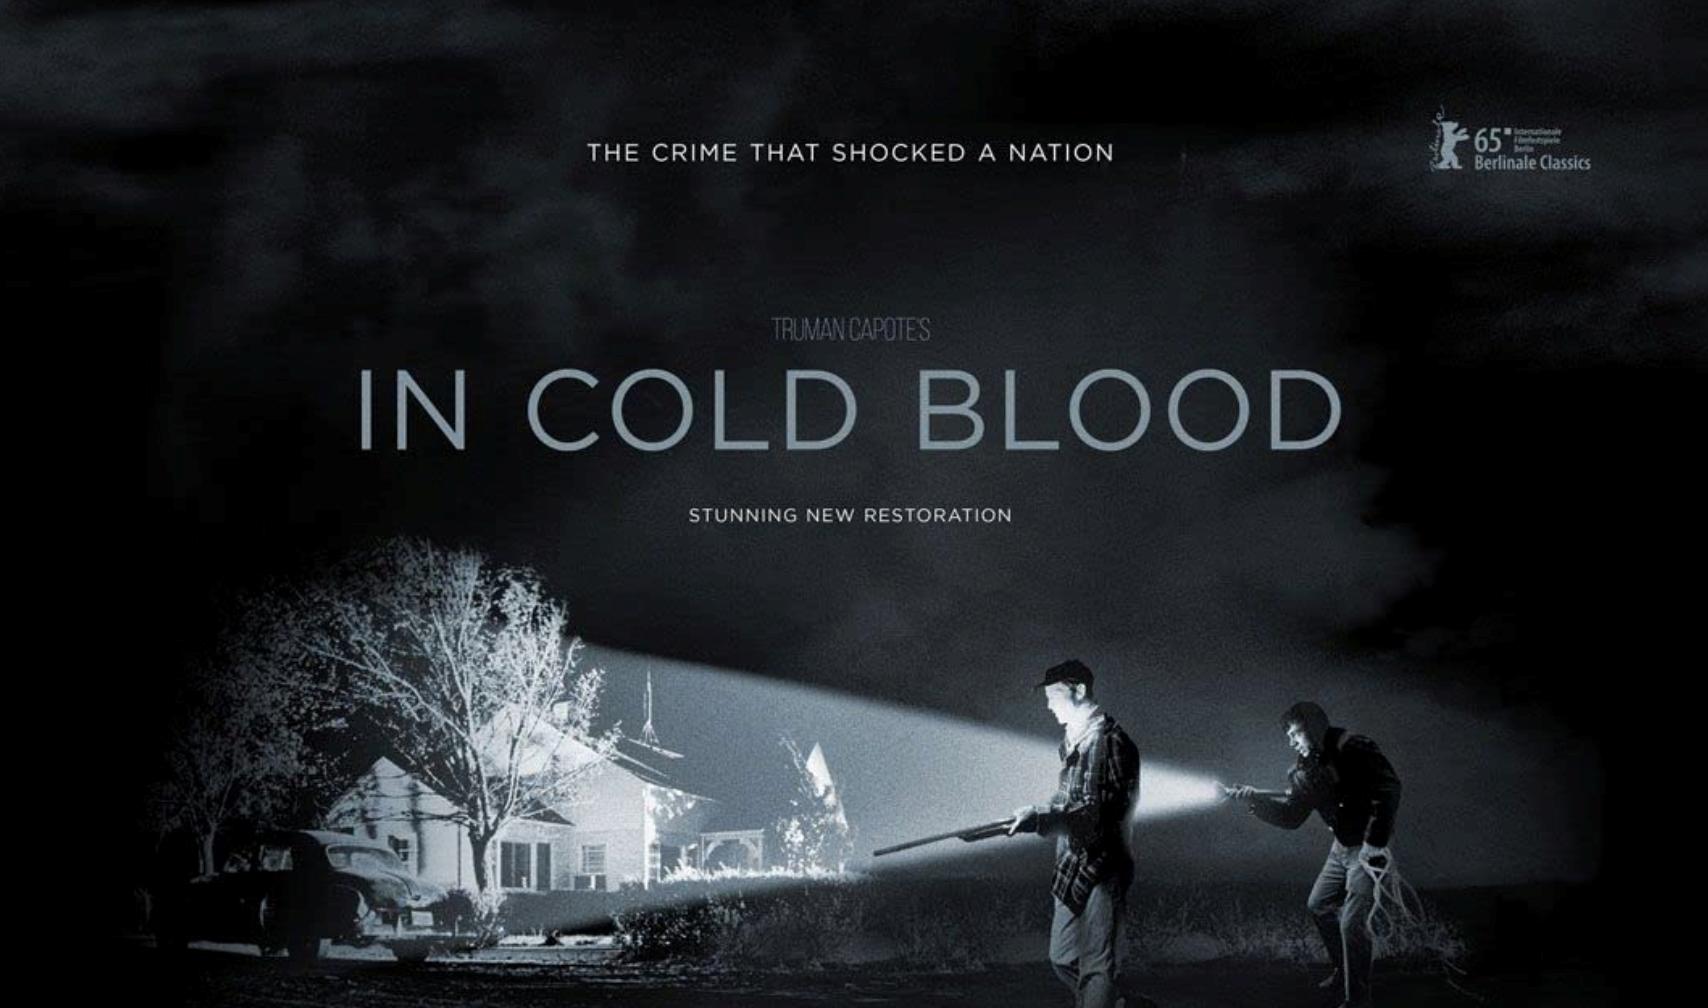 1966年上映的电影《冷血》海报